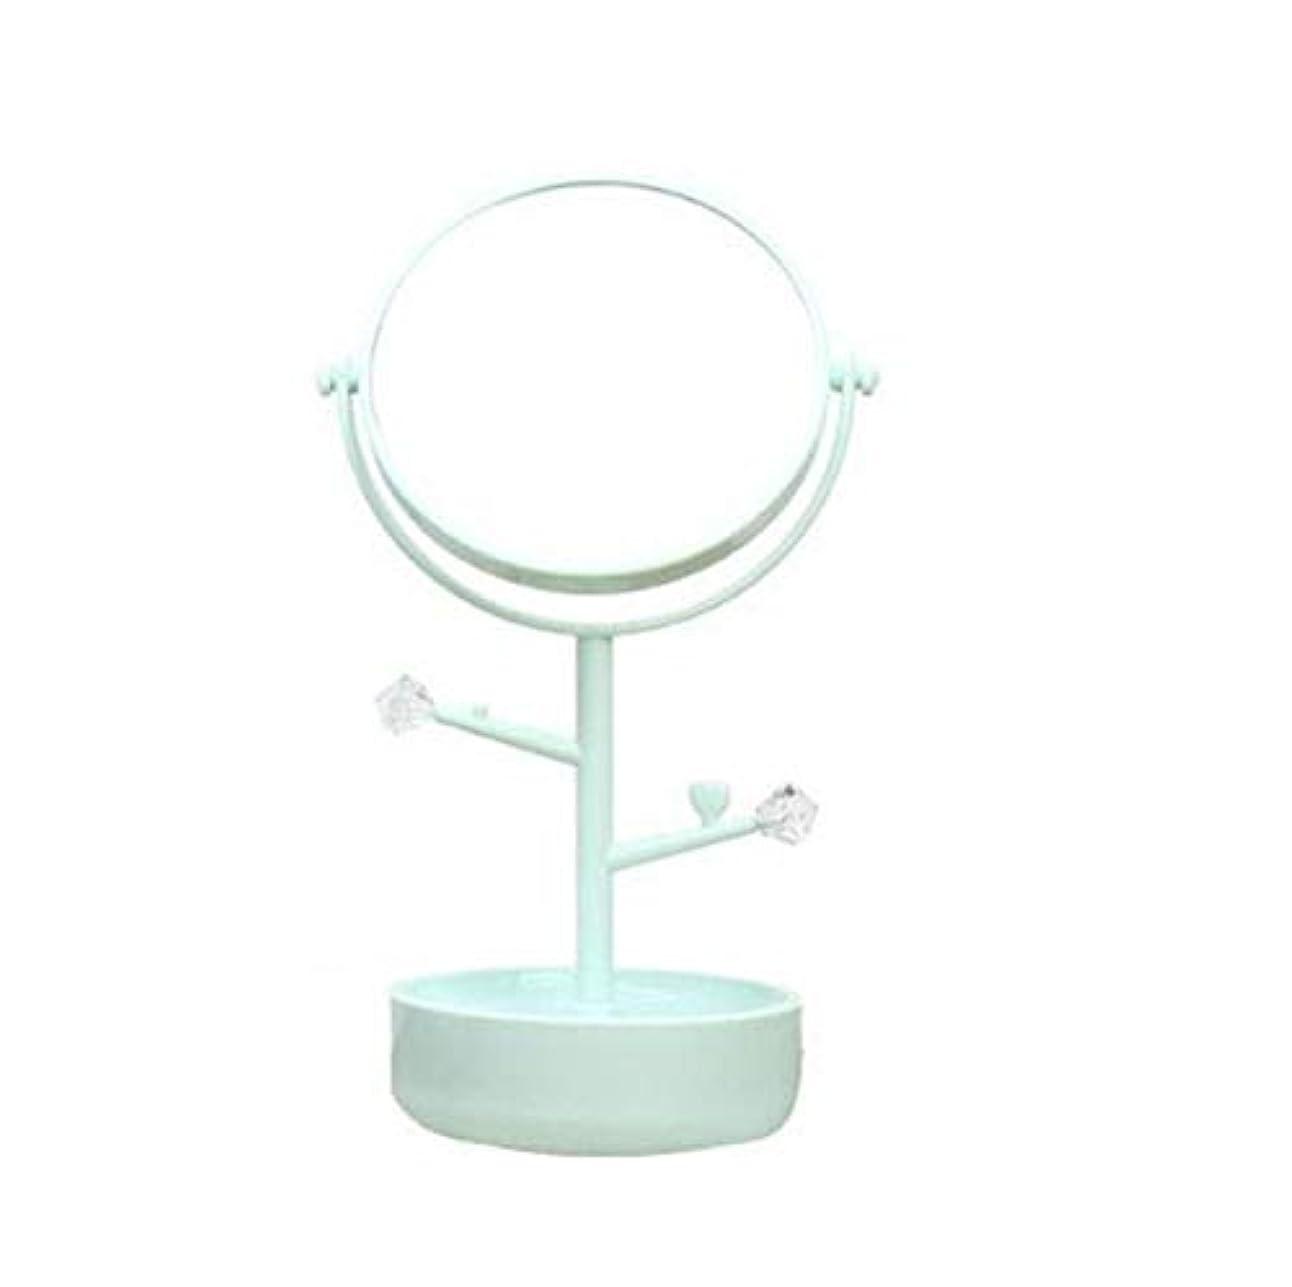 に同意する感嘆符電気的化粧鏡、グリーン多機能収納両面化粧鏡化粧ギフト